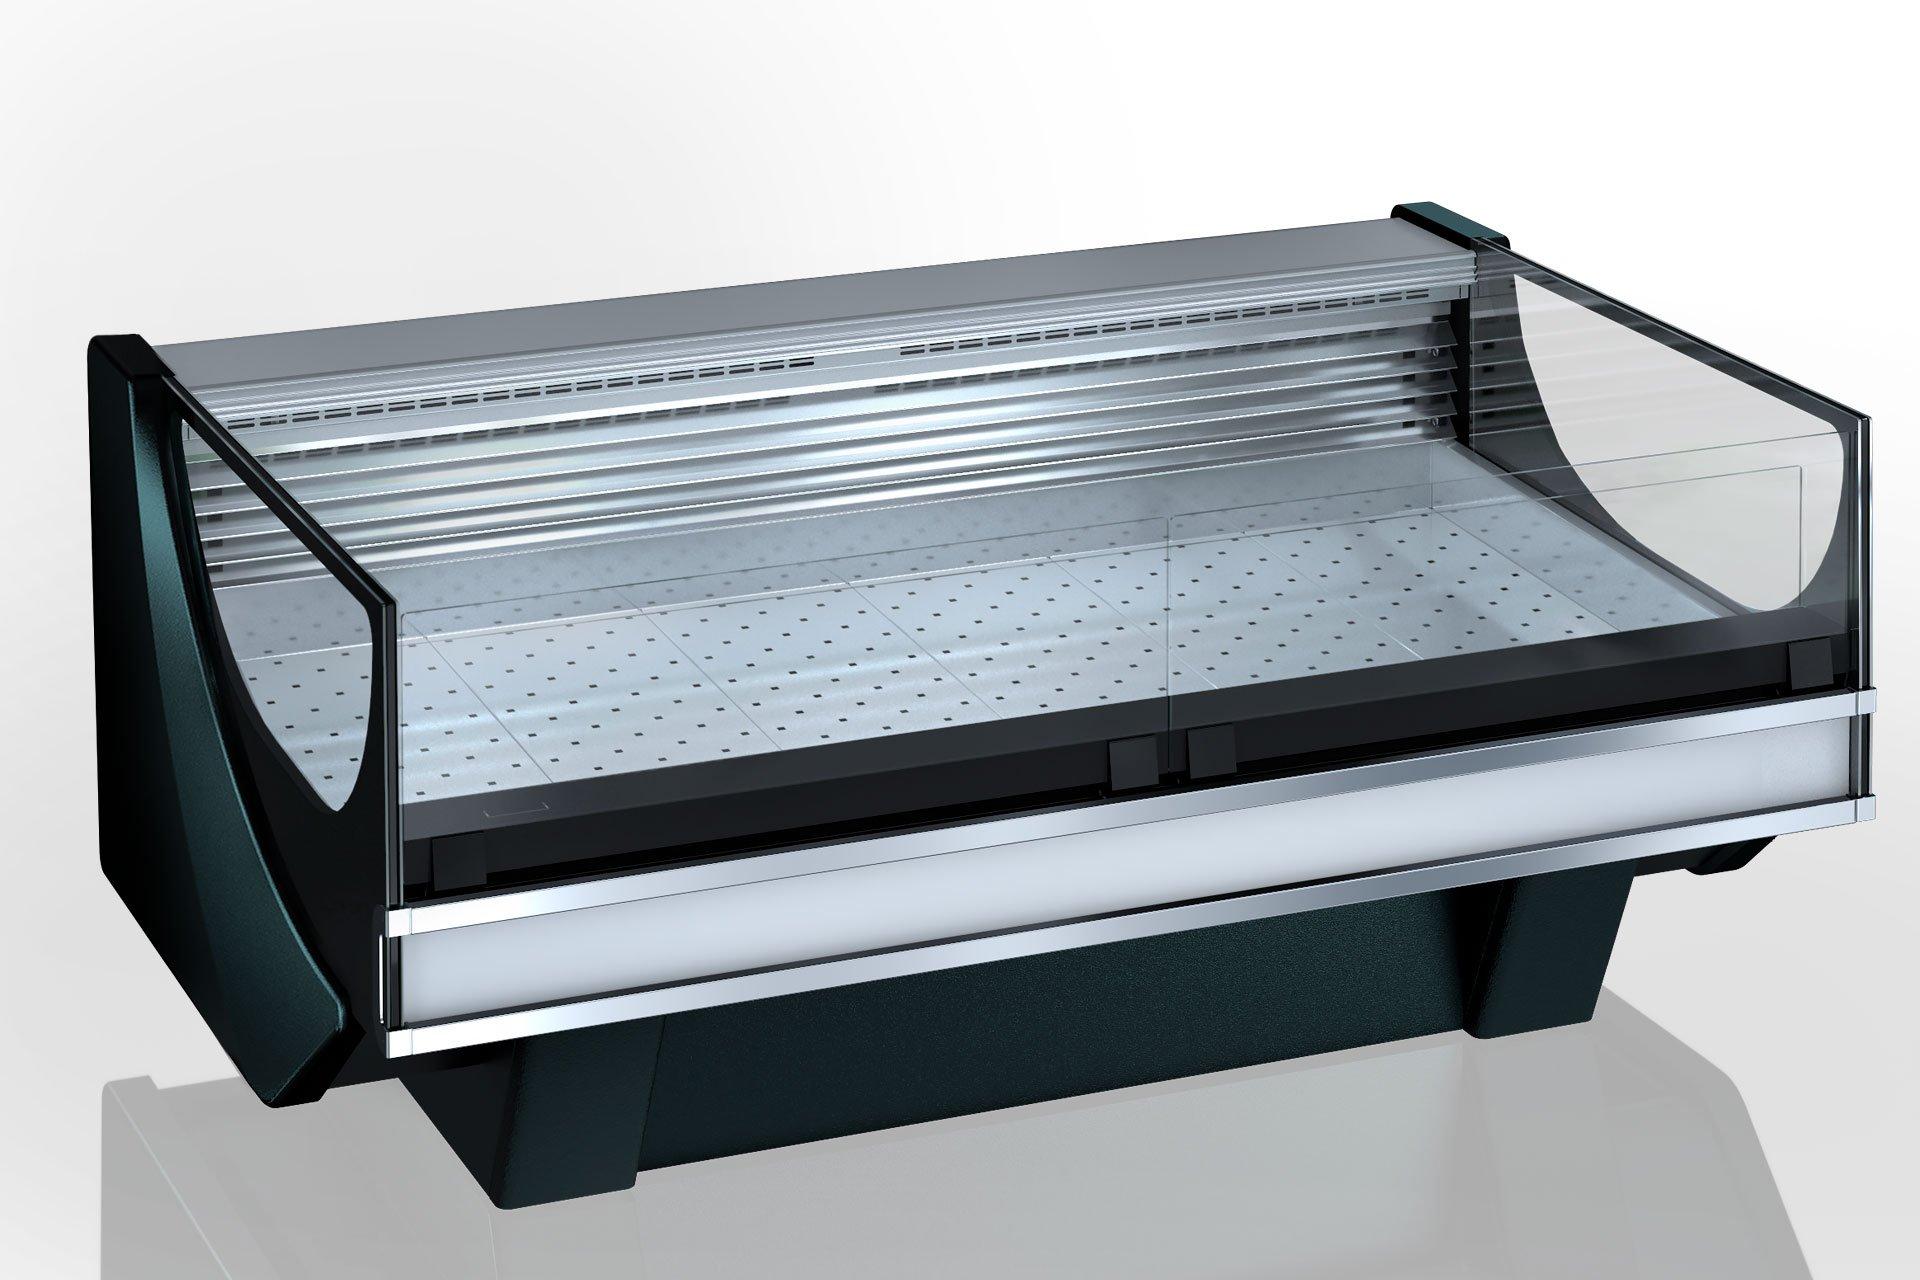 Холодильная витрина Missouri cold diamond MC 126 fish self 084-SPLM/SPLA